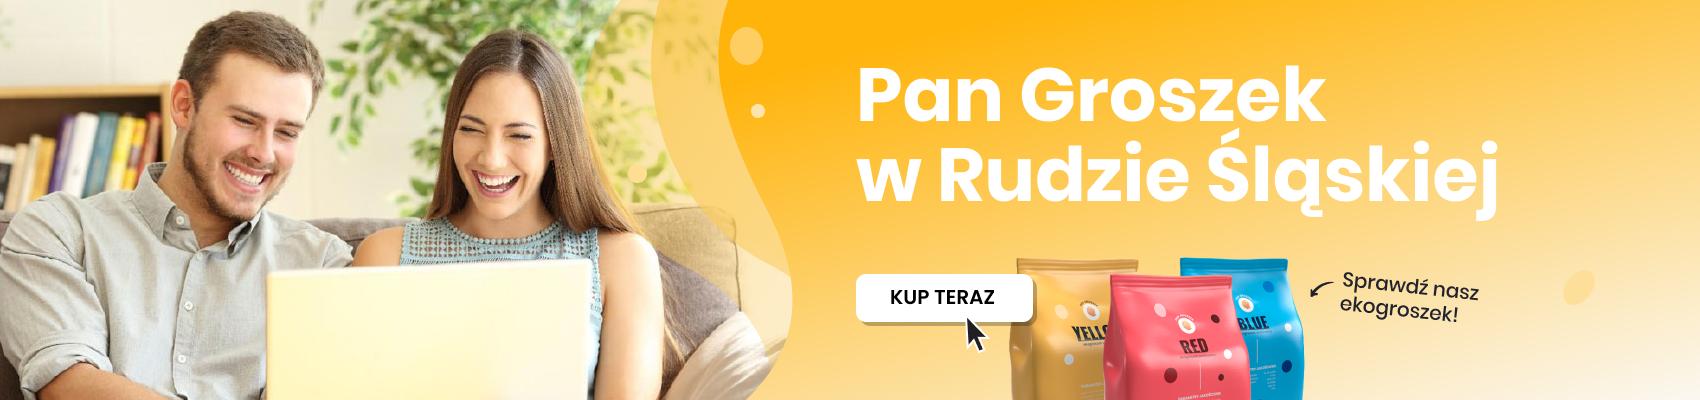 Ekogroszek workowany - Ruda Śląska